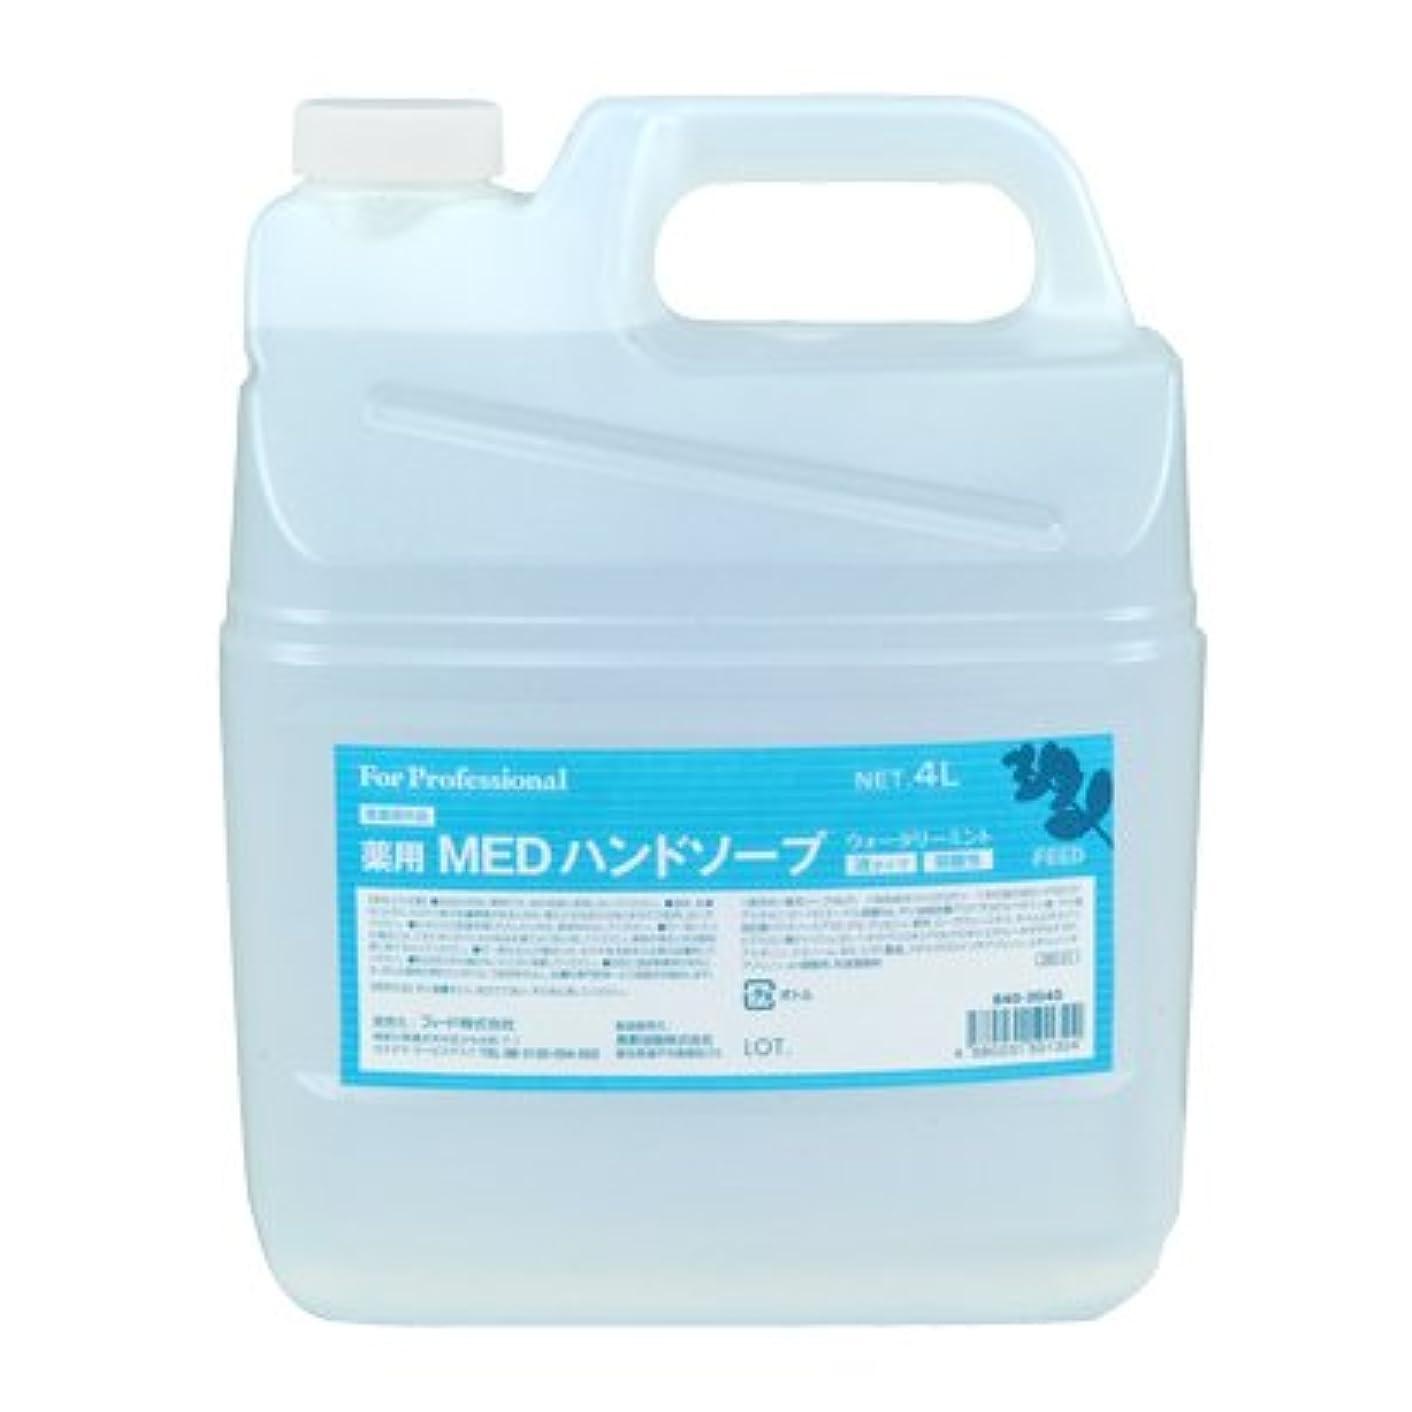 水焦げノベルティ【業務用】 FEED(フィード) 薬用 MEDハンドソープ 液タイプ/4L詰替用 ハンドソープ(液タイプ) 入数 1本